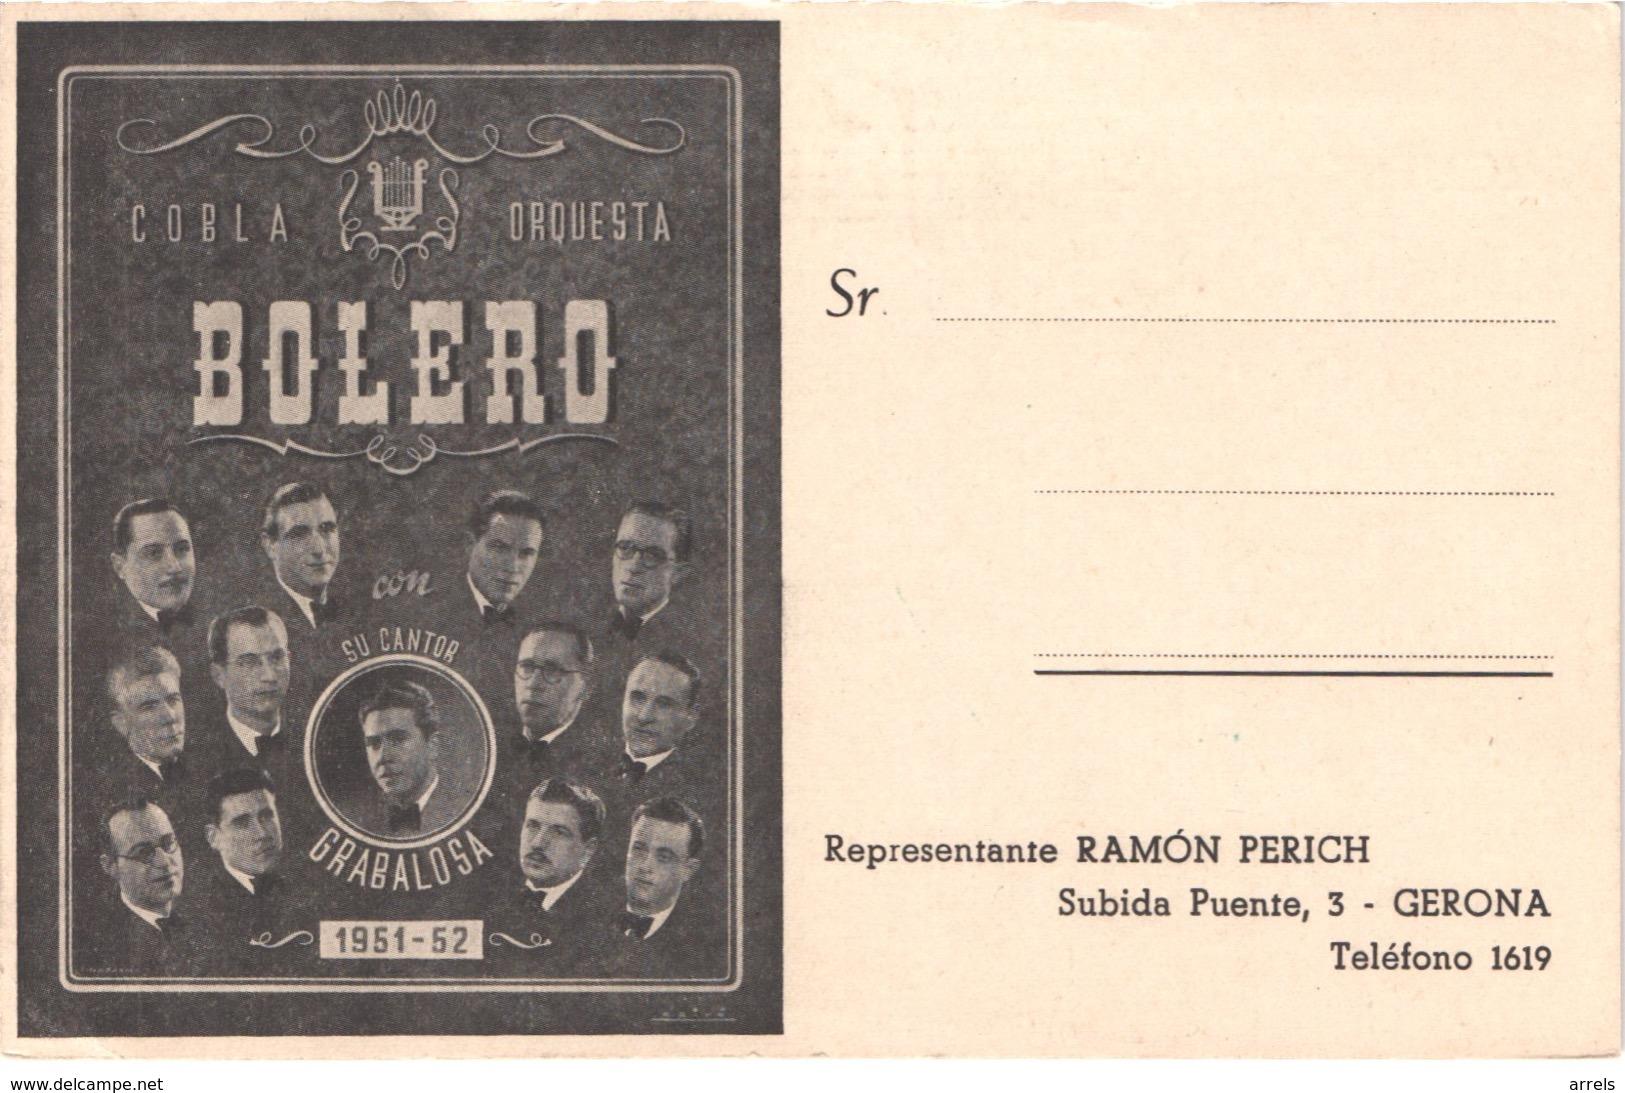 ES GERONA - Cobla Orquestra BOLERO - 1951 1952 - Animée - Belle - Gerona